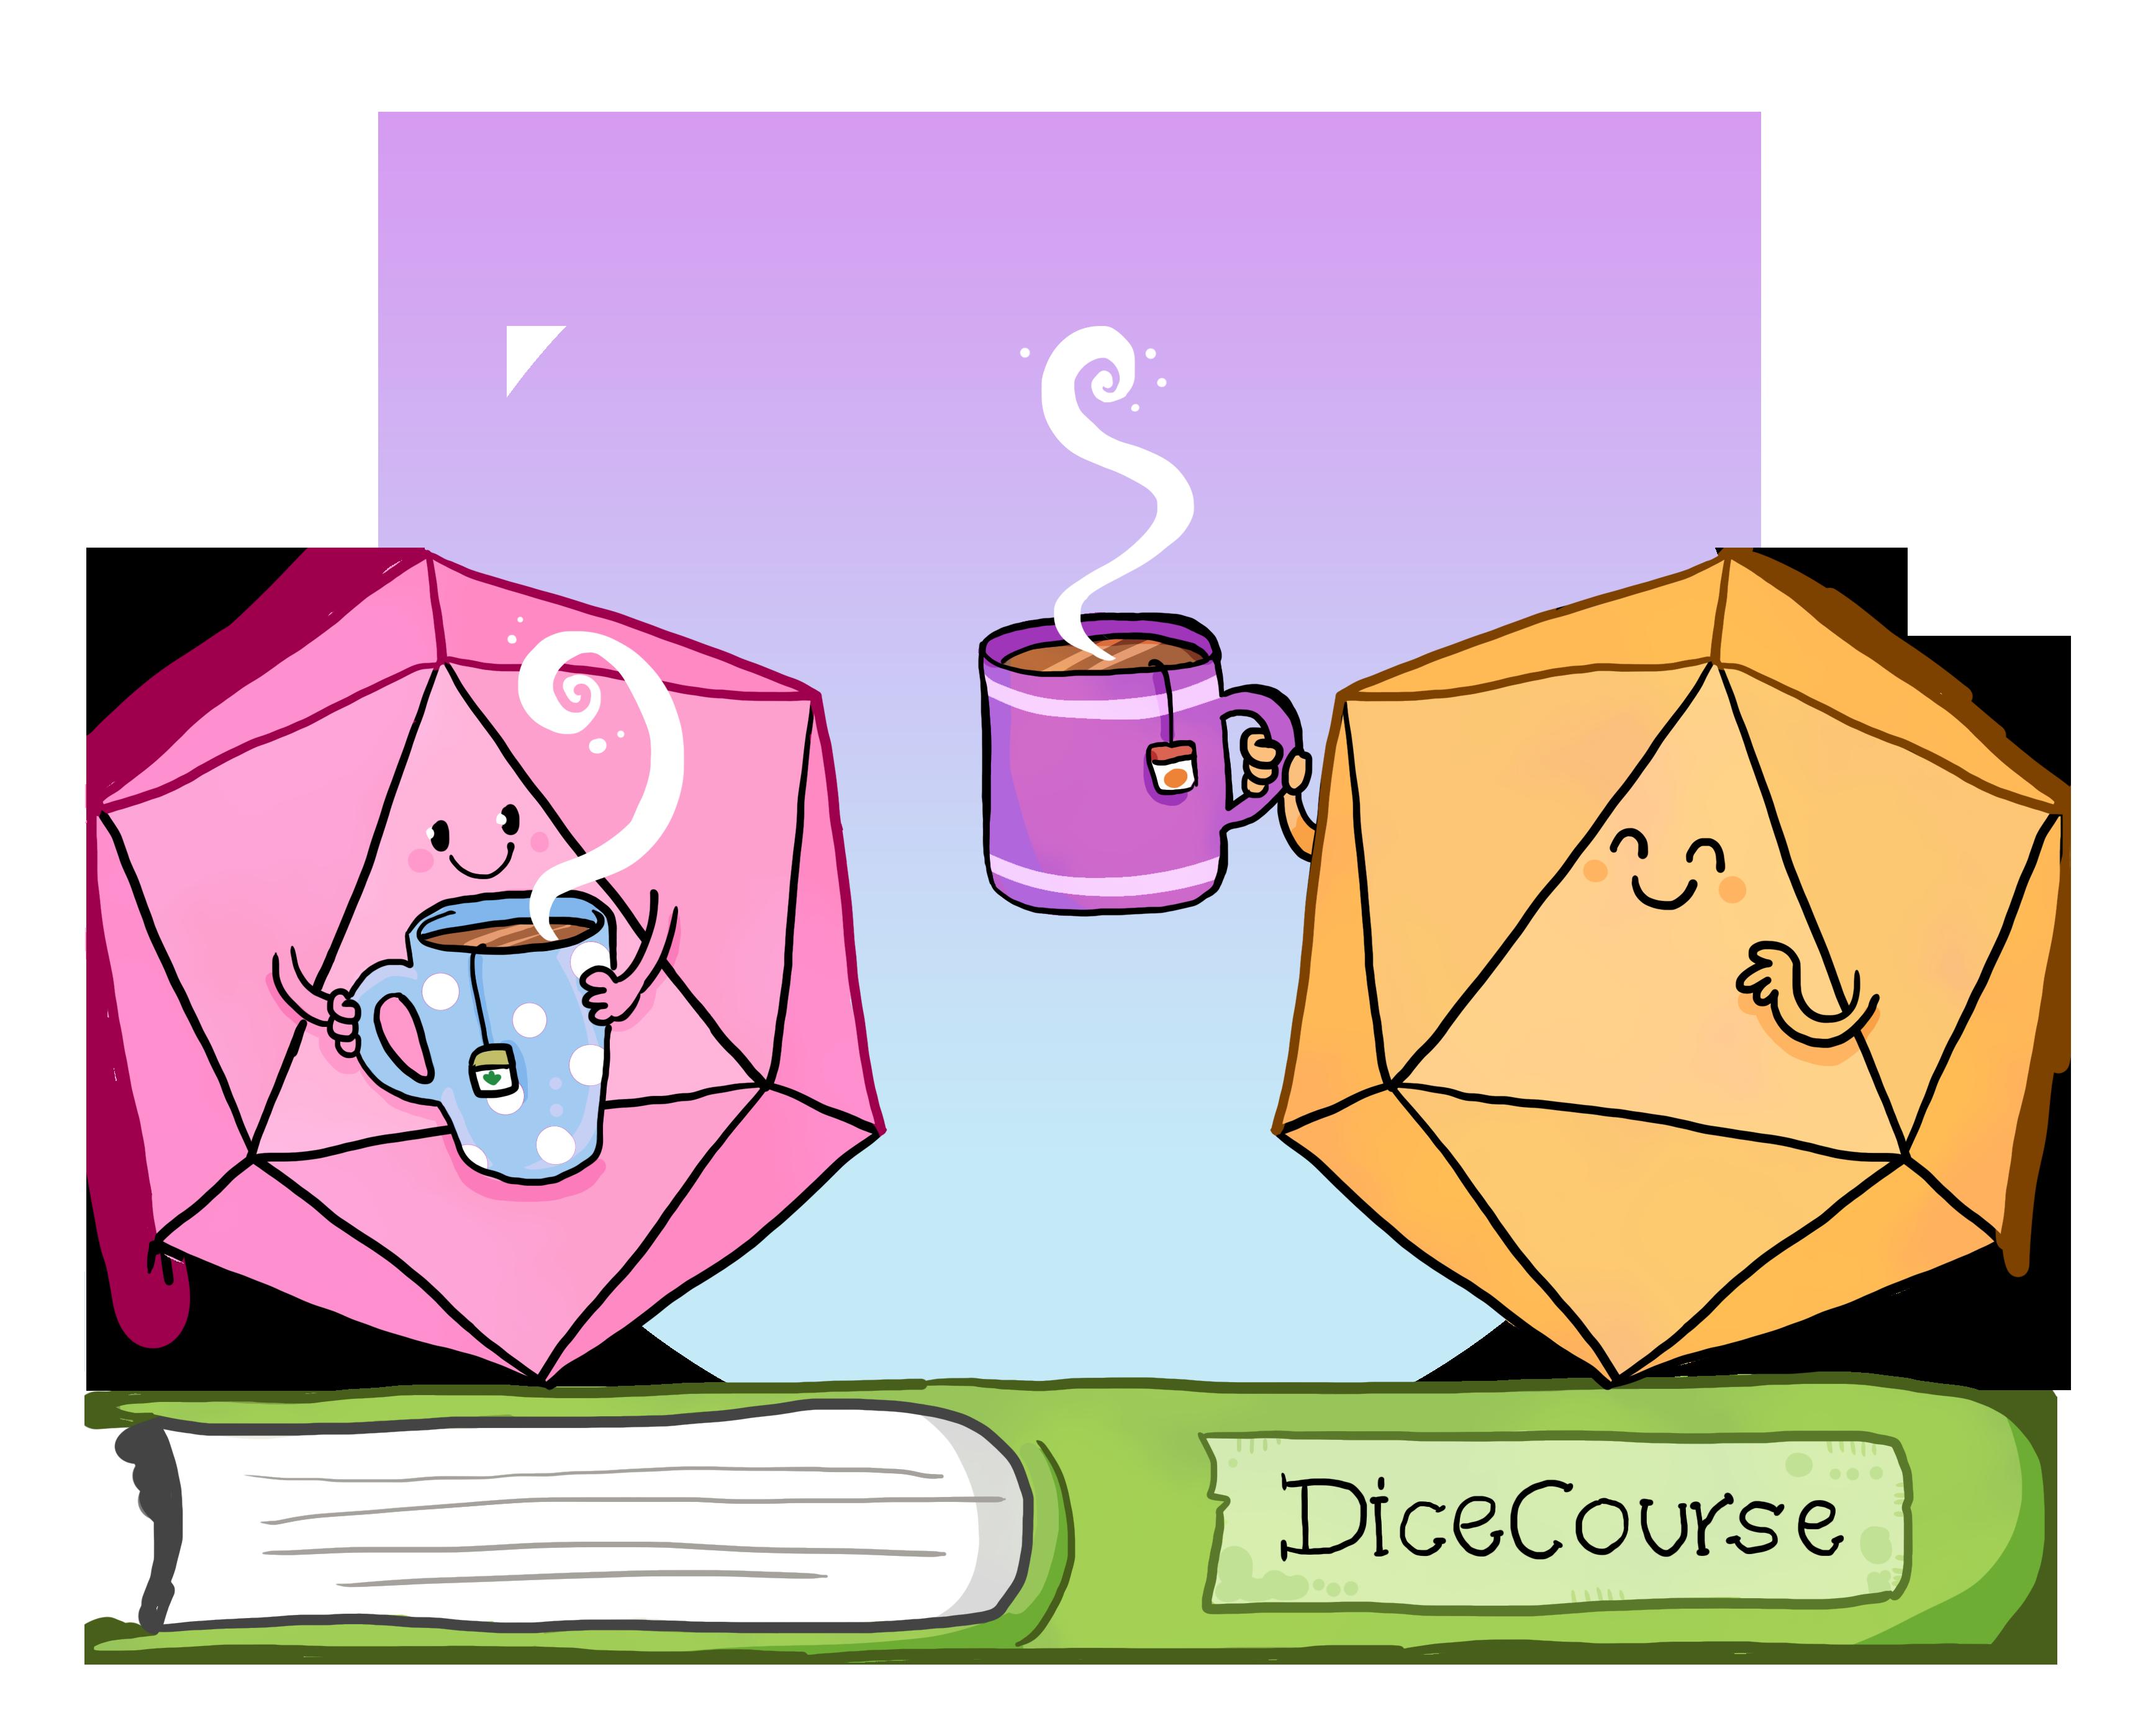 Zwei Würfel mit Gesichtern und Teetassen über einem Buch auf dem DiceCourse steht. So lautet der Titel des Blogs.